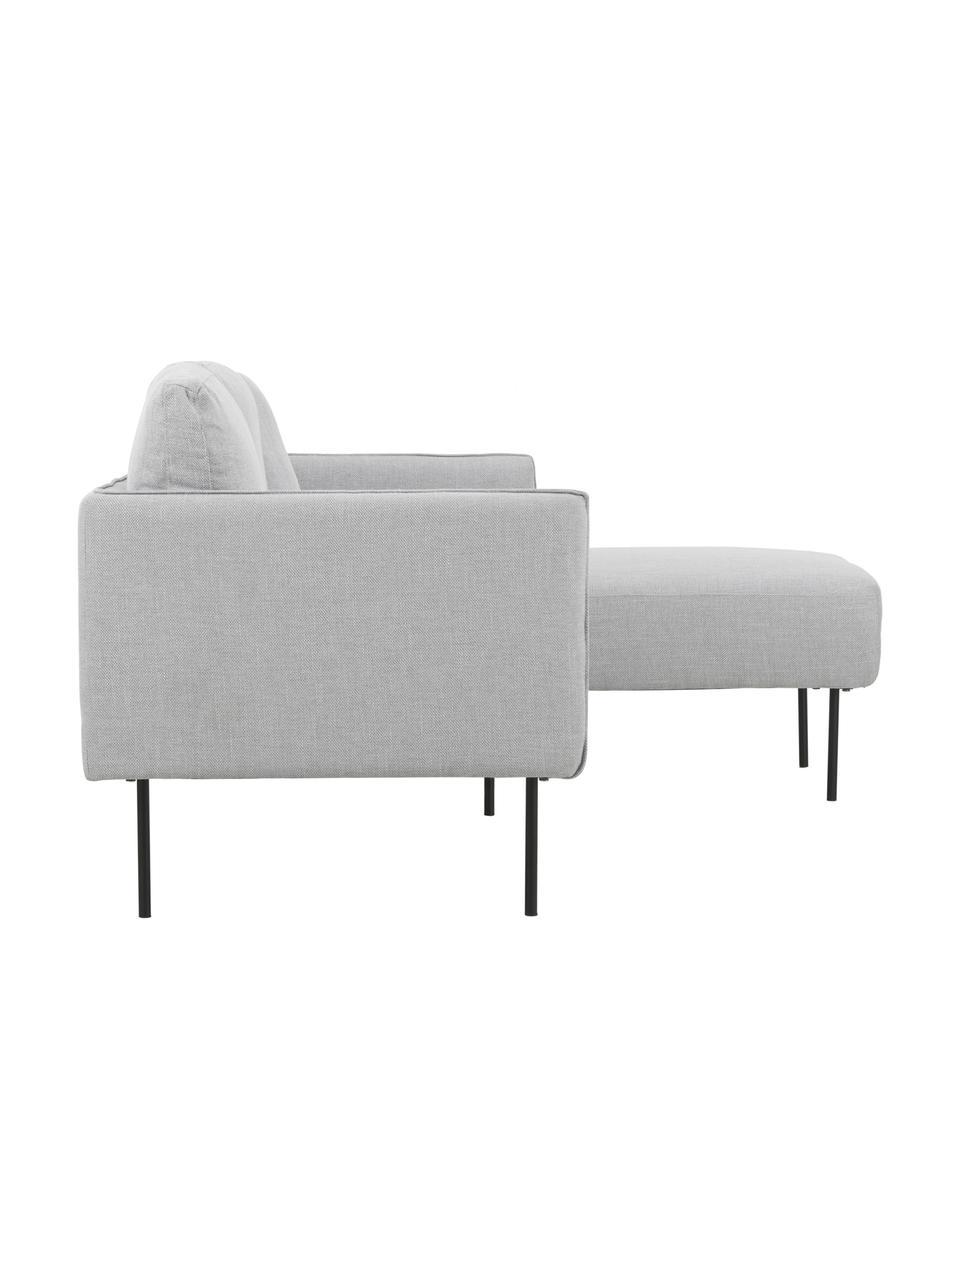 Canapé d'angle gris clair Ramira, Tissu gris clair